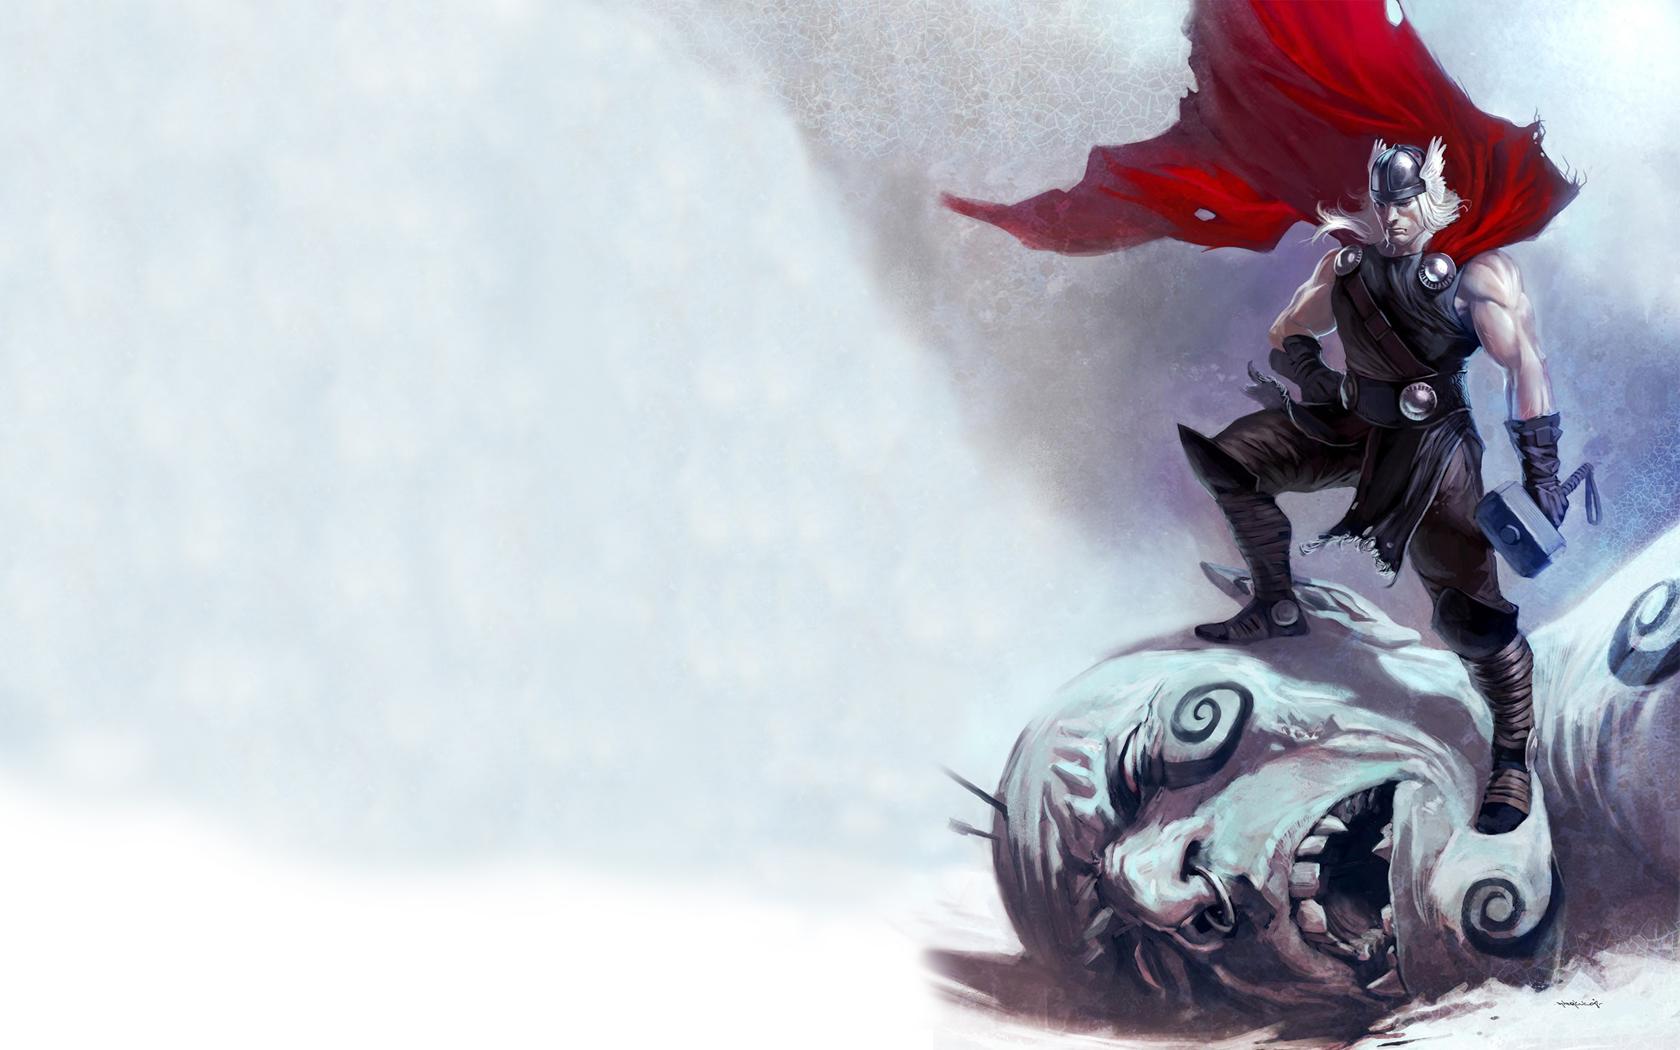 Top Wallpaper Marvel Thor - Marvel-Comics-Thor-Frost-giant-Mjolnir-fantasy-art-cape-259429  Image_568962.jpg